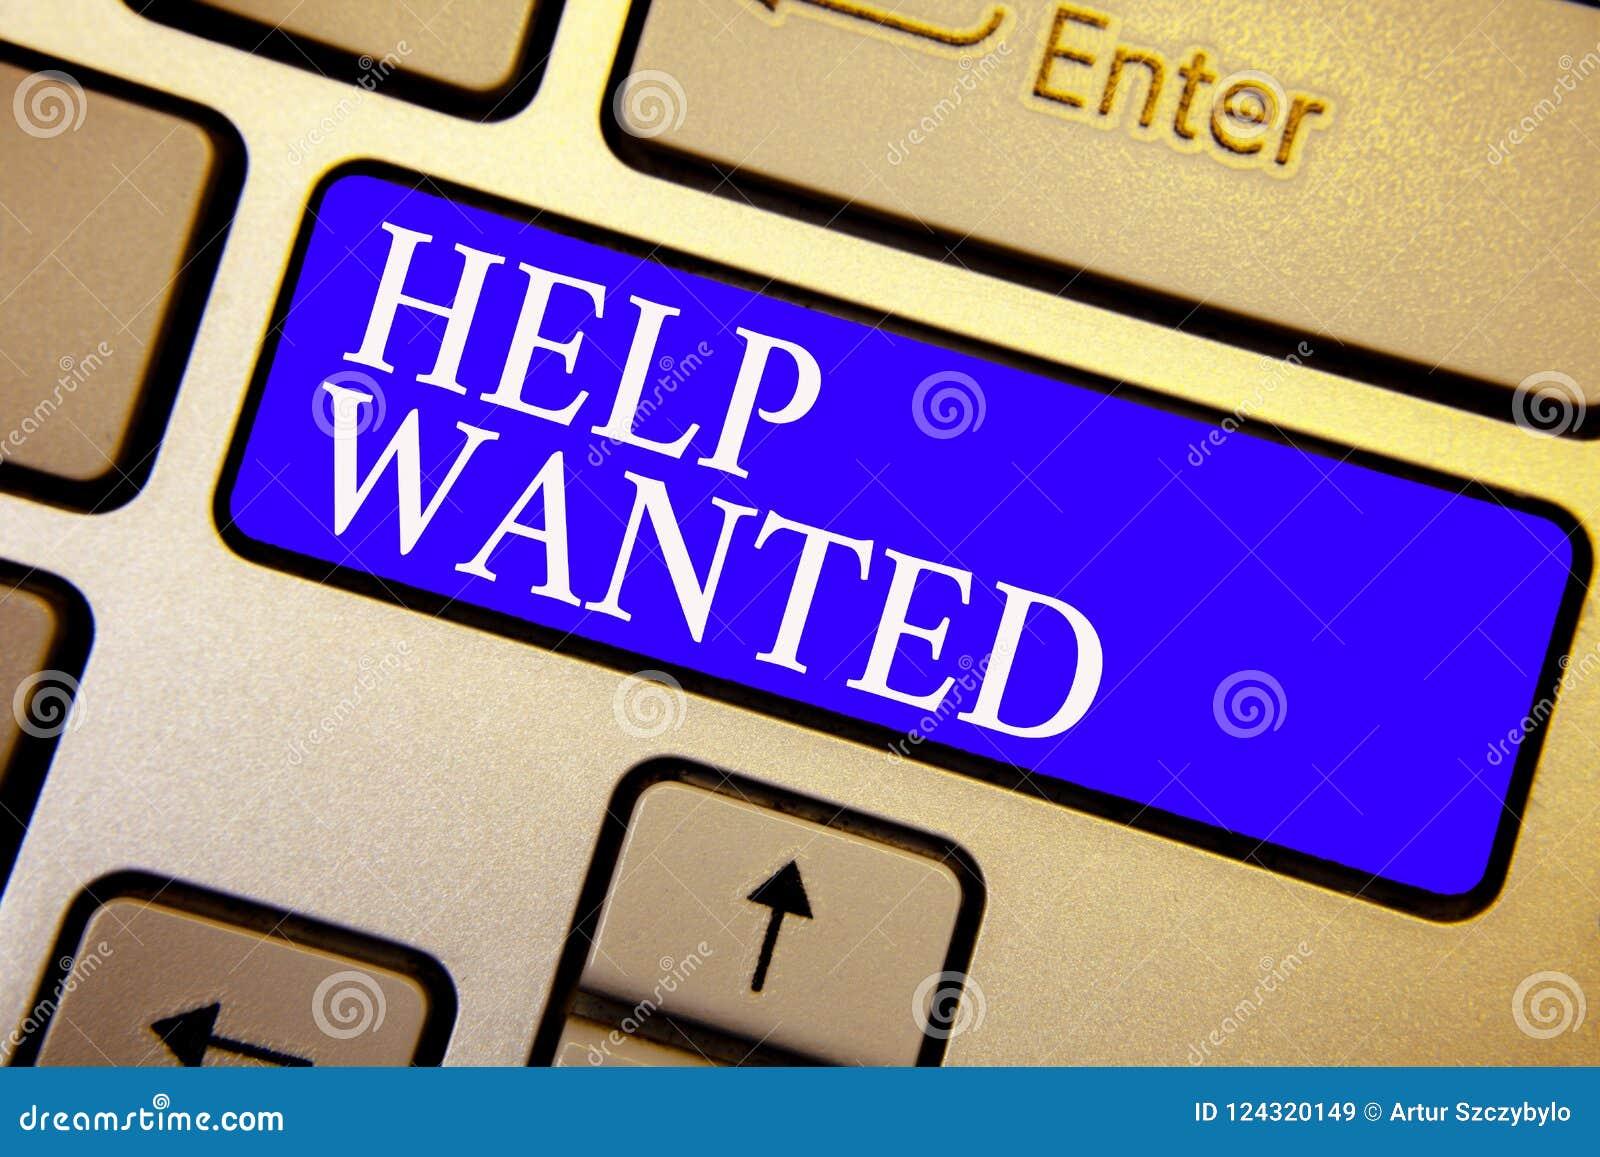 文本标志被要的陈列帮助 在报纸安置的概念性照片广告由雇主寻找雇员键盘蓝色钥匙